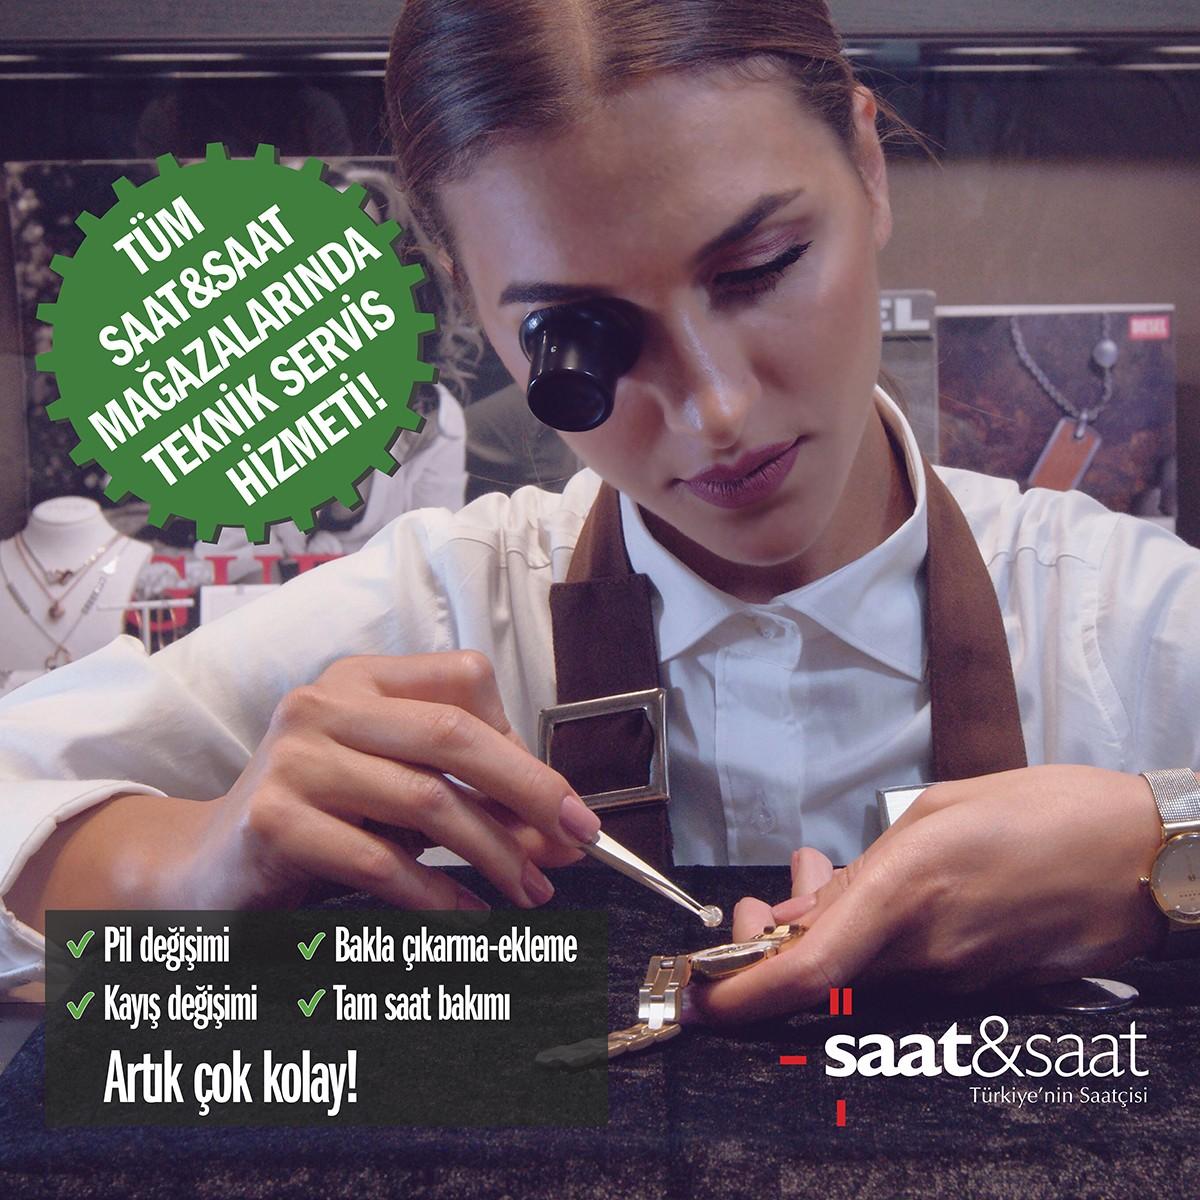 Artık tüm Saat&Saat mağazalarında teknik servis hizmeti bulunmaktadır. Saat&Saat, #AntalyaMigros AVM 1. katta.